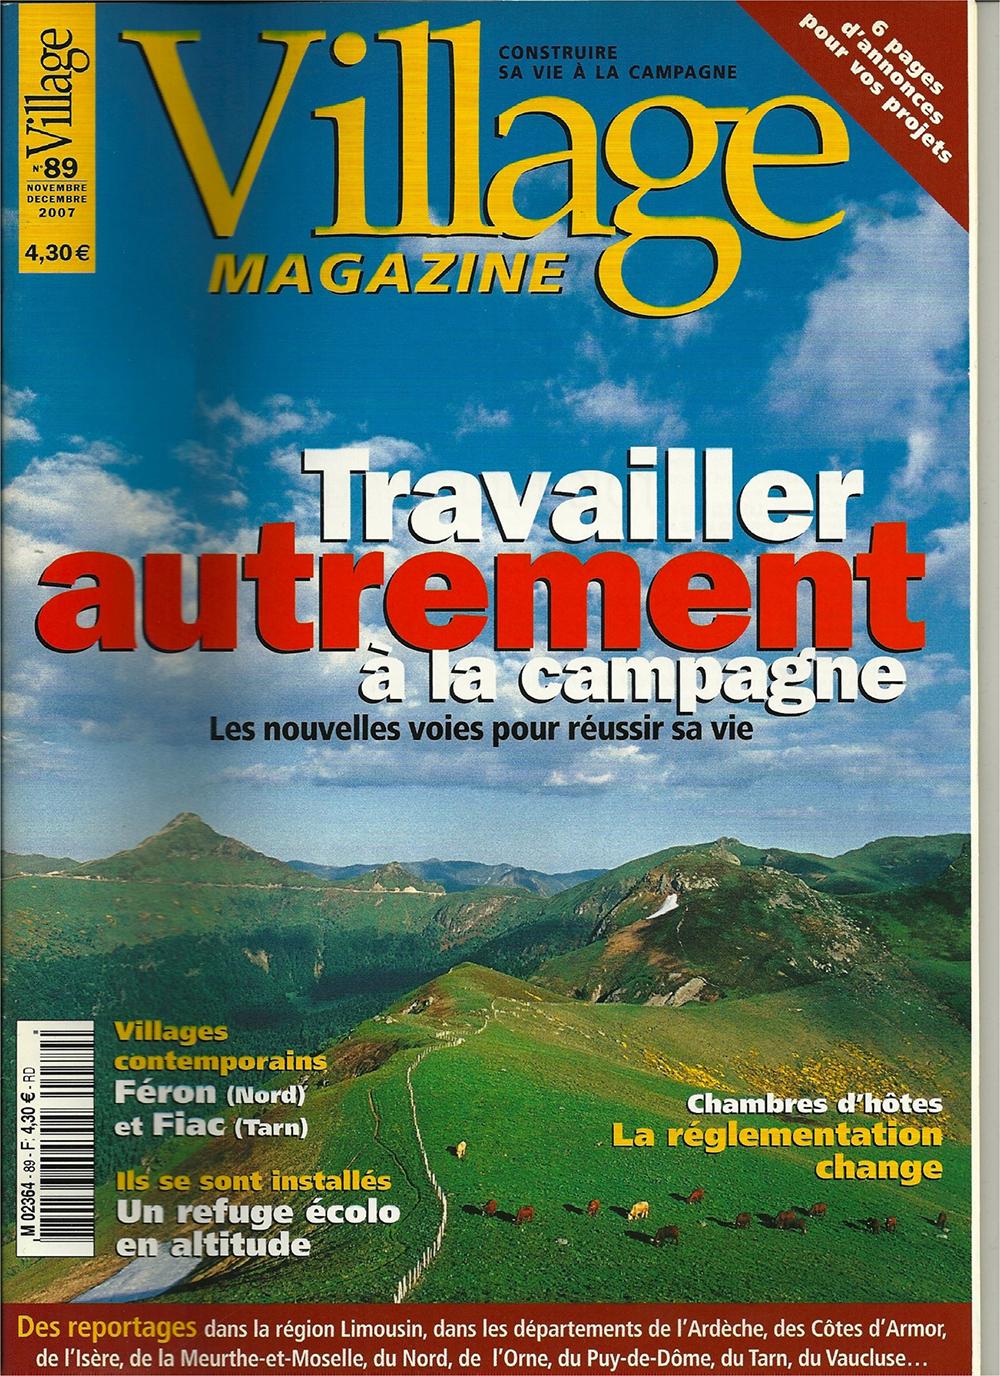 villagemagazine2007